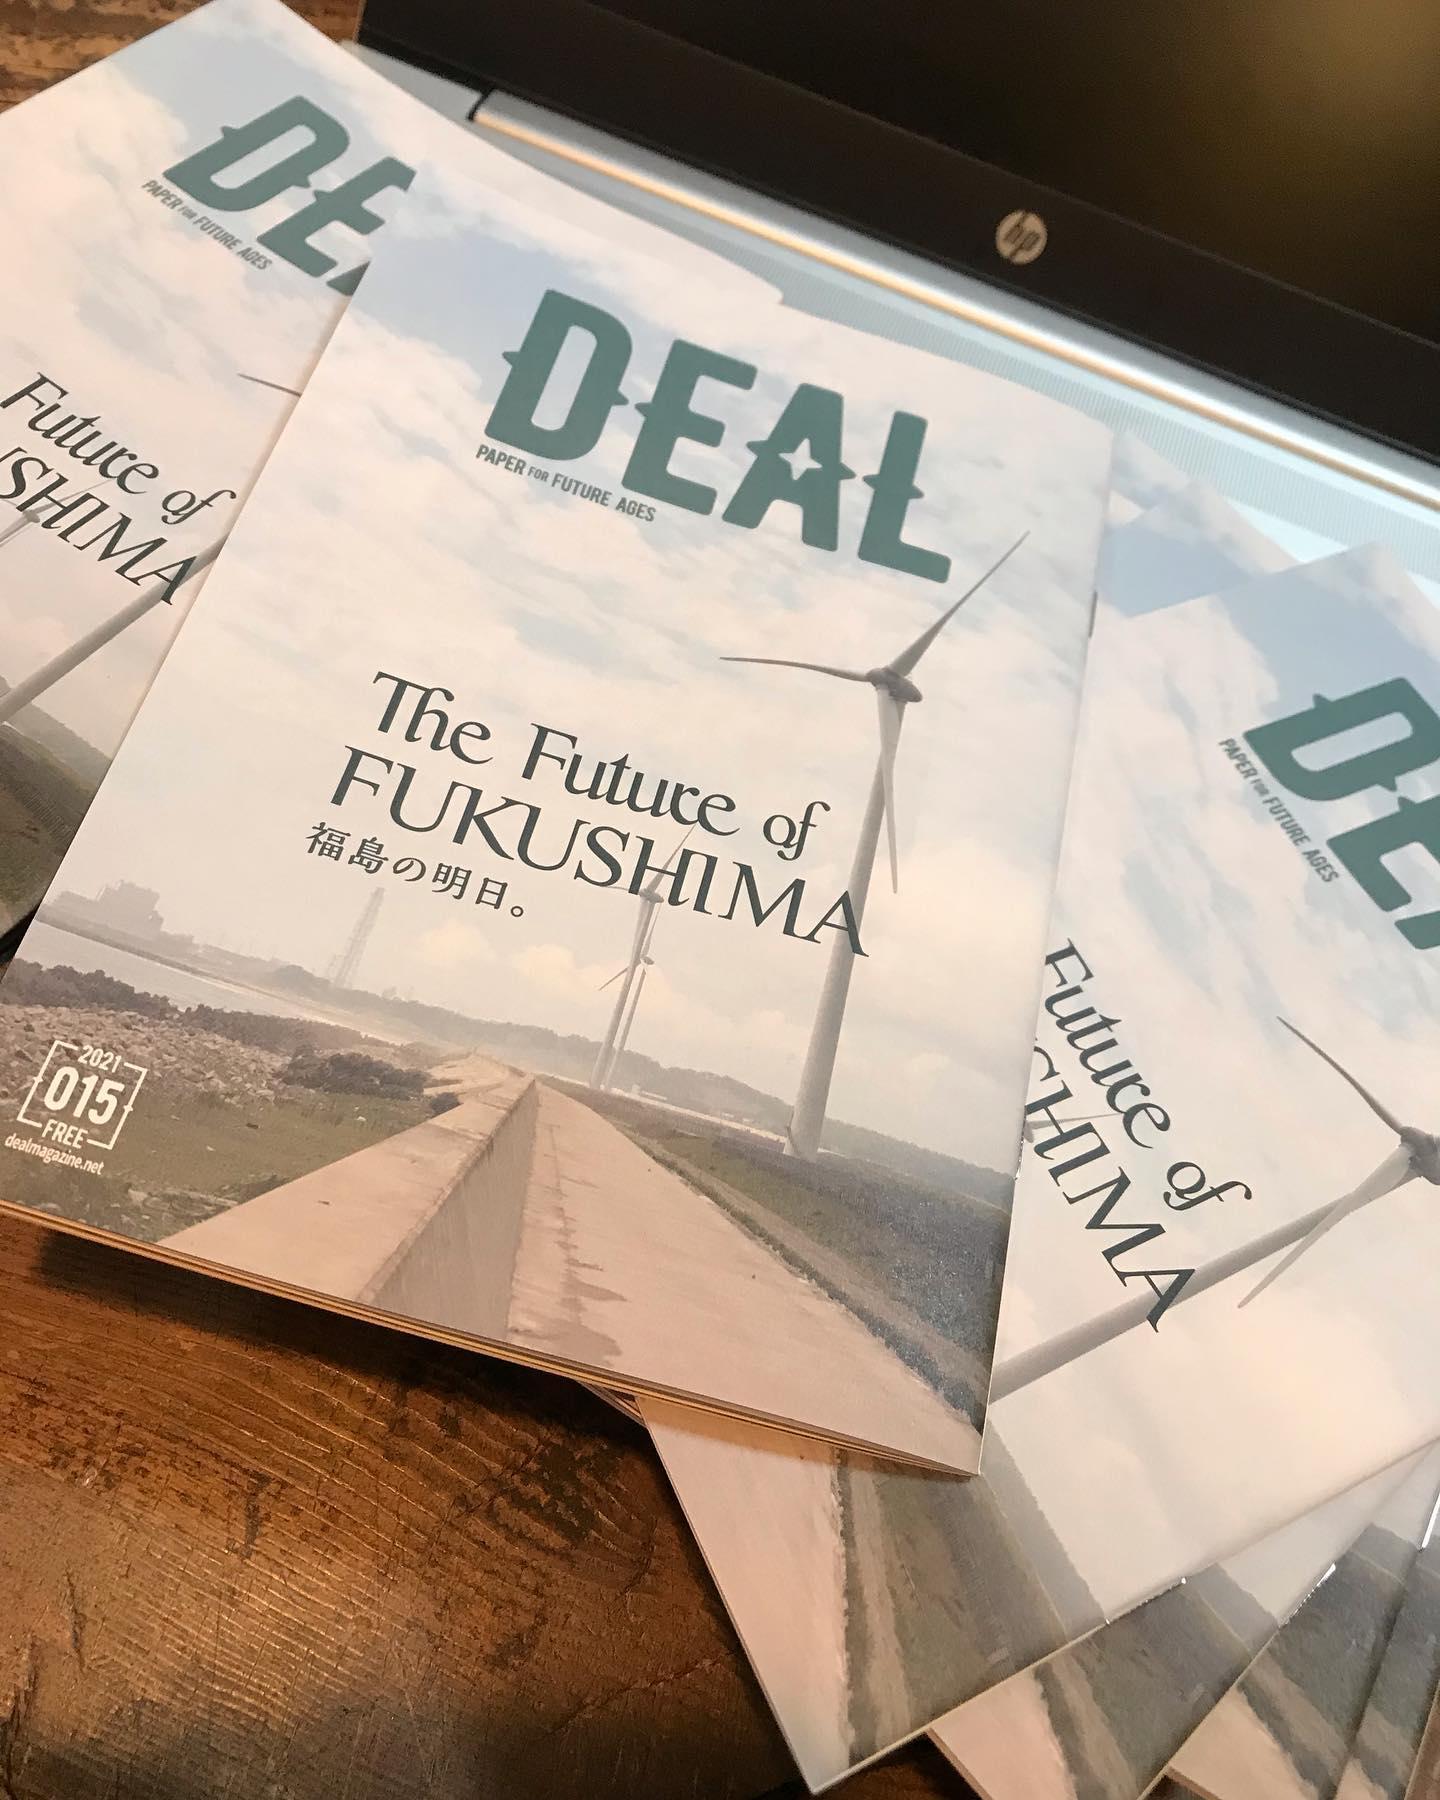 DEAL 2021 015到着しました。福島の今、これからの未来を考える。日本の未来に繋がること。ページを一枚一枚めくり、普段からお取引させていただいております諸先輩方の広告を見るたび、心が躍る幸せ。DEAL。いつもありがとうございます。#日本の未来 #福島 #deal #remilla #purveyors #gohemp #beeecowraps #ahopehemp #specialthanks